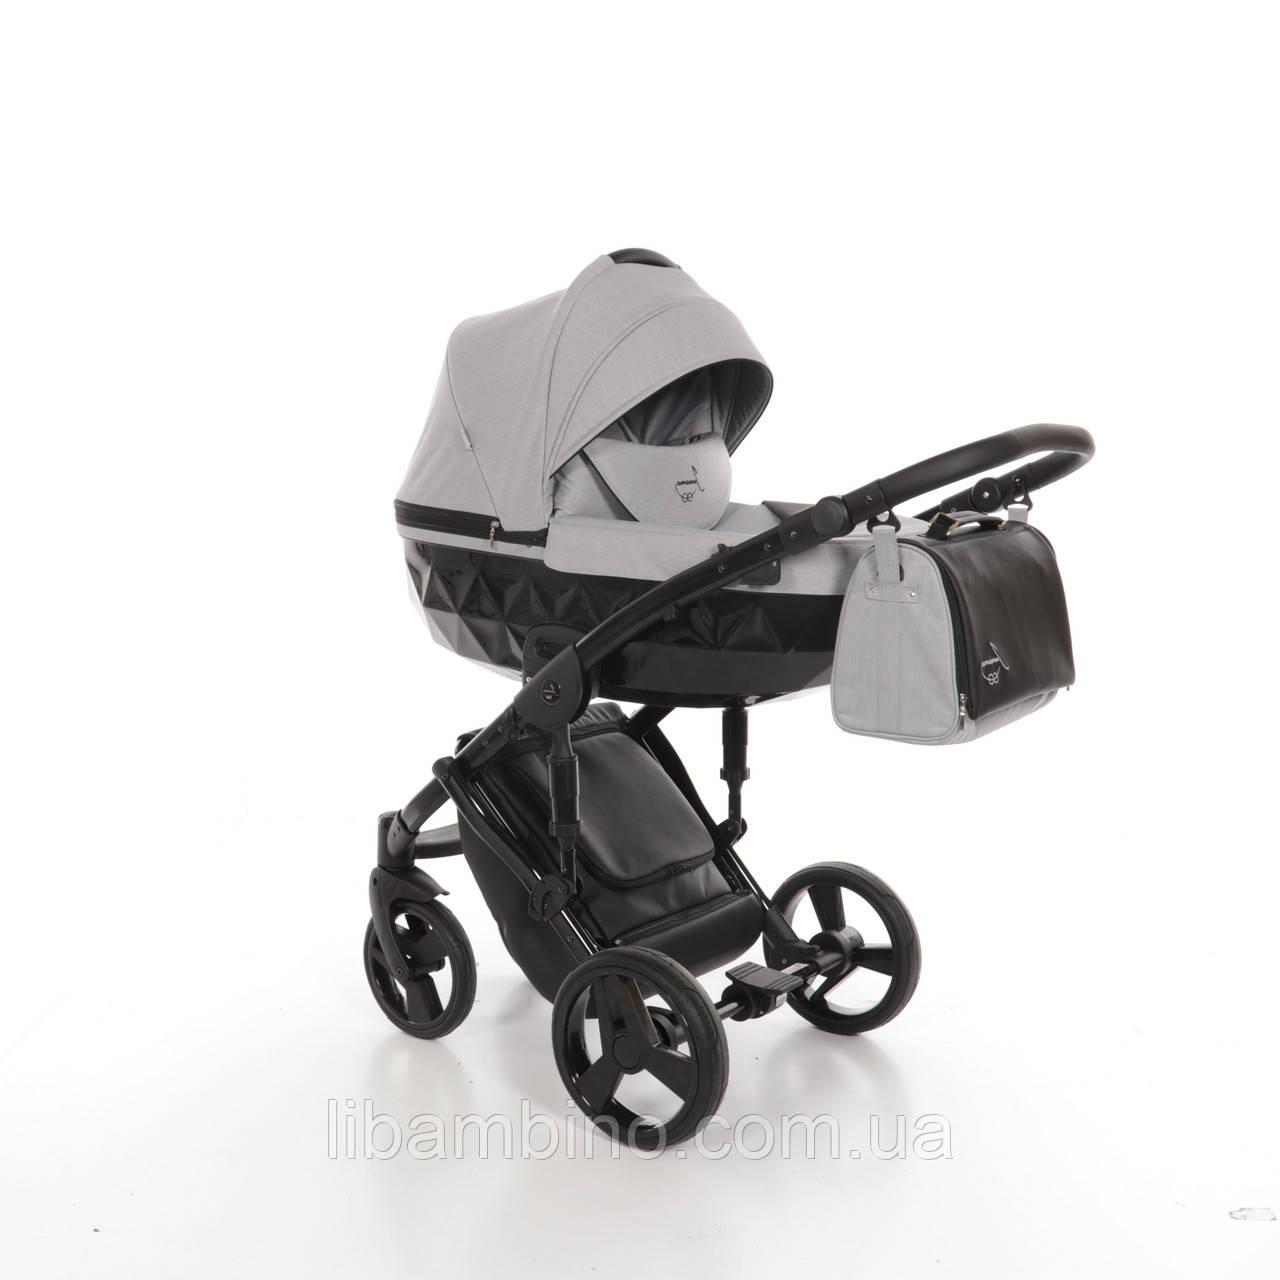 Дитяча універсальна коляска 2 в 1 Junama Diamond 07